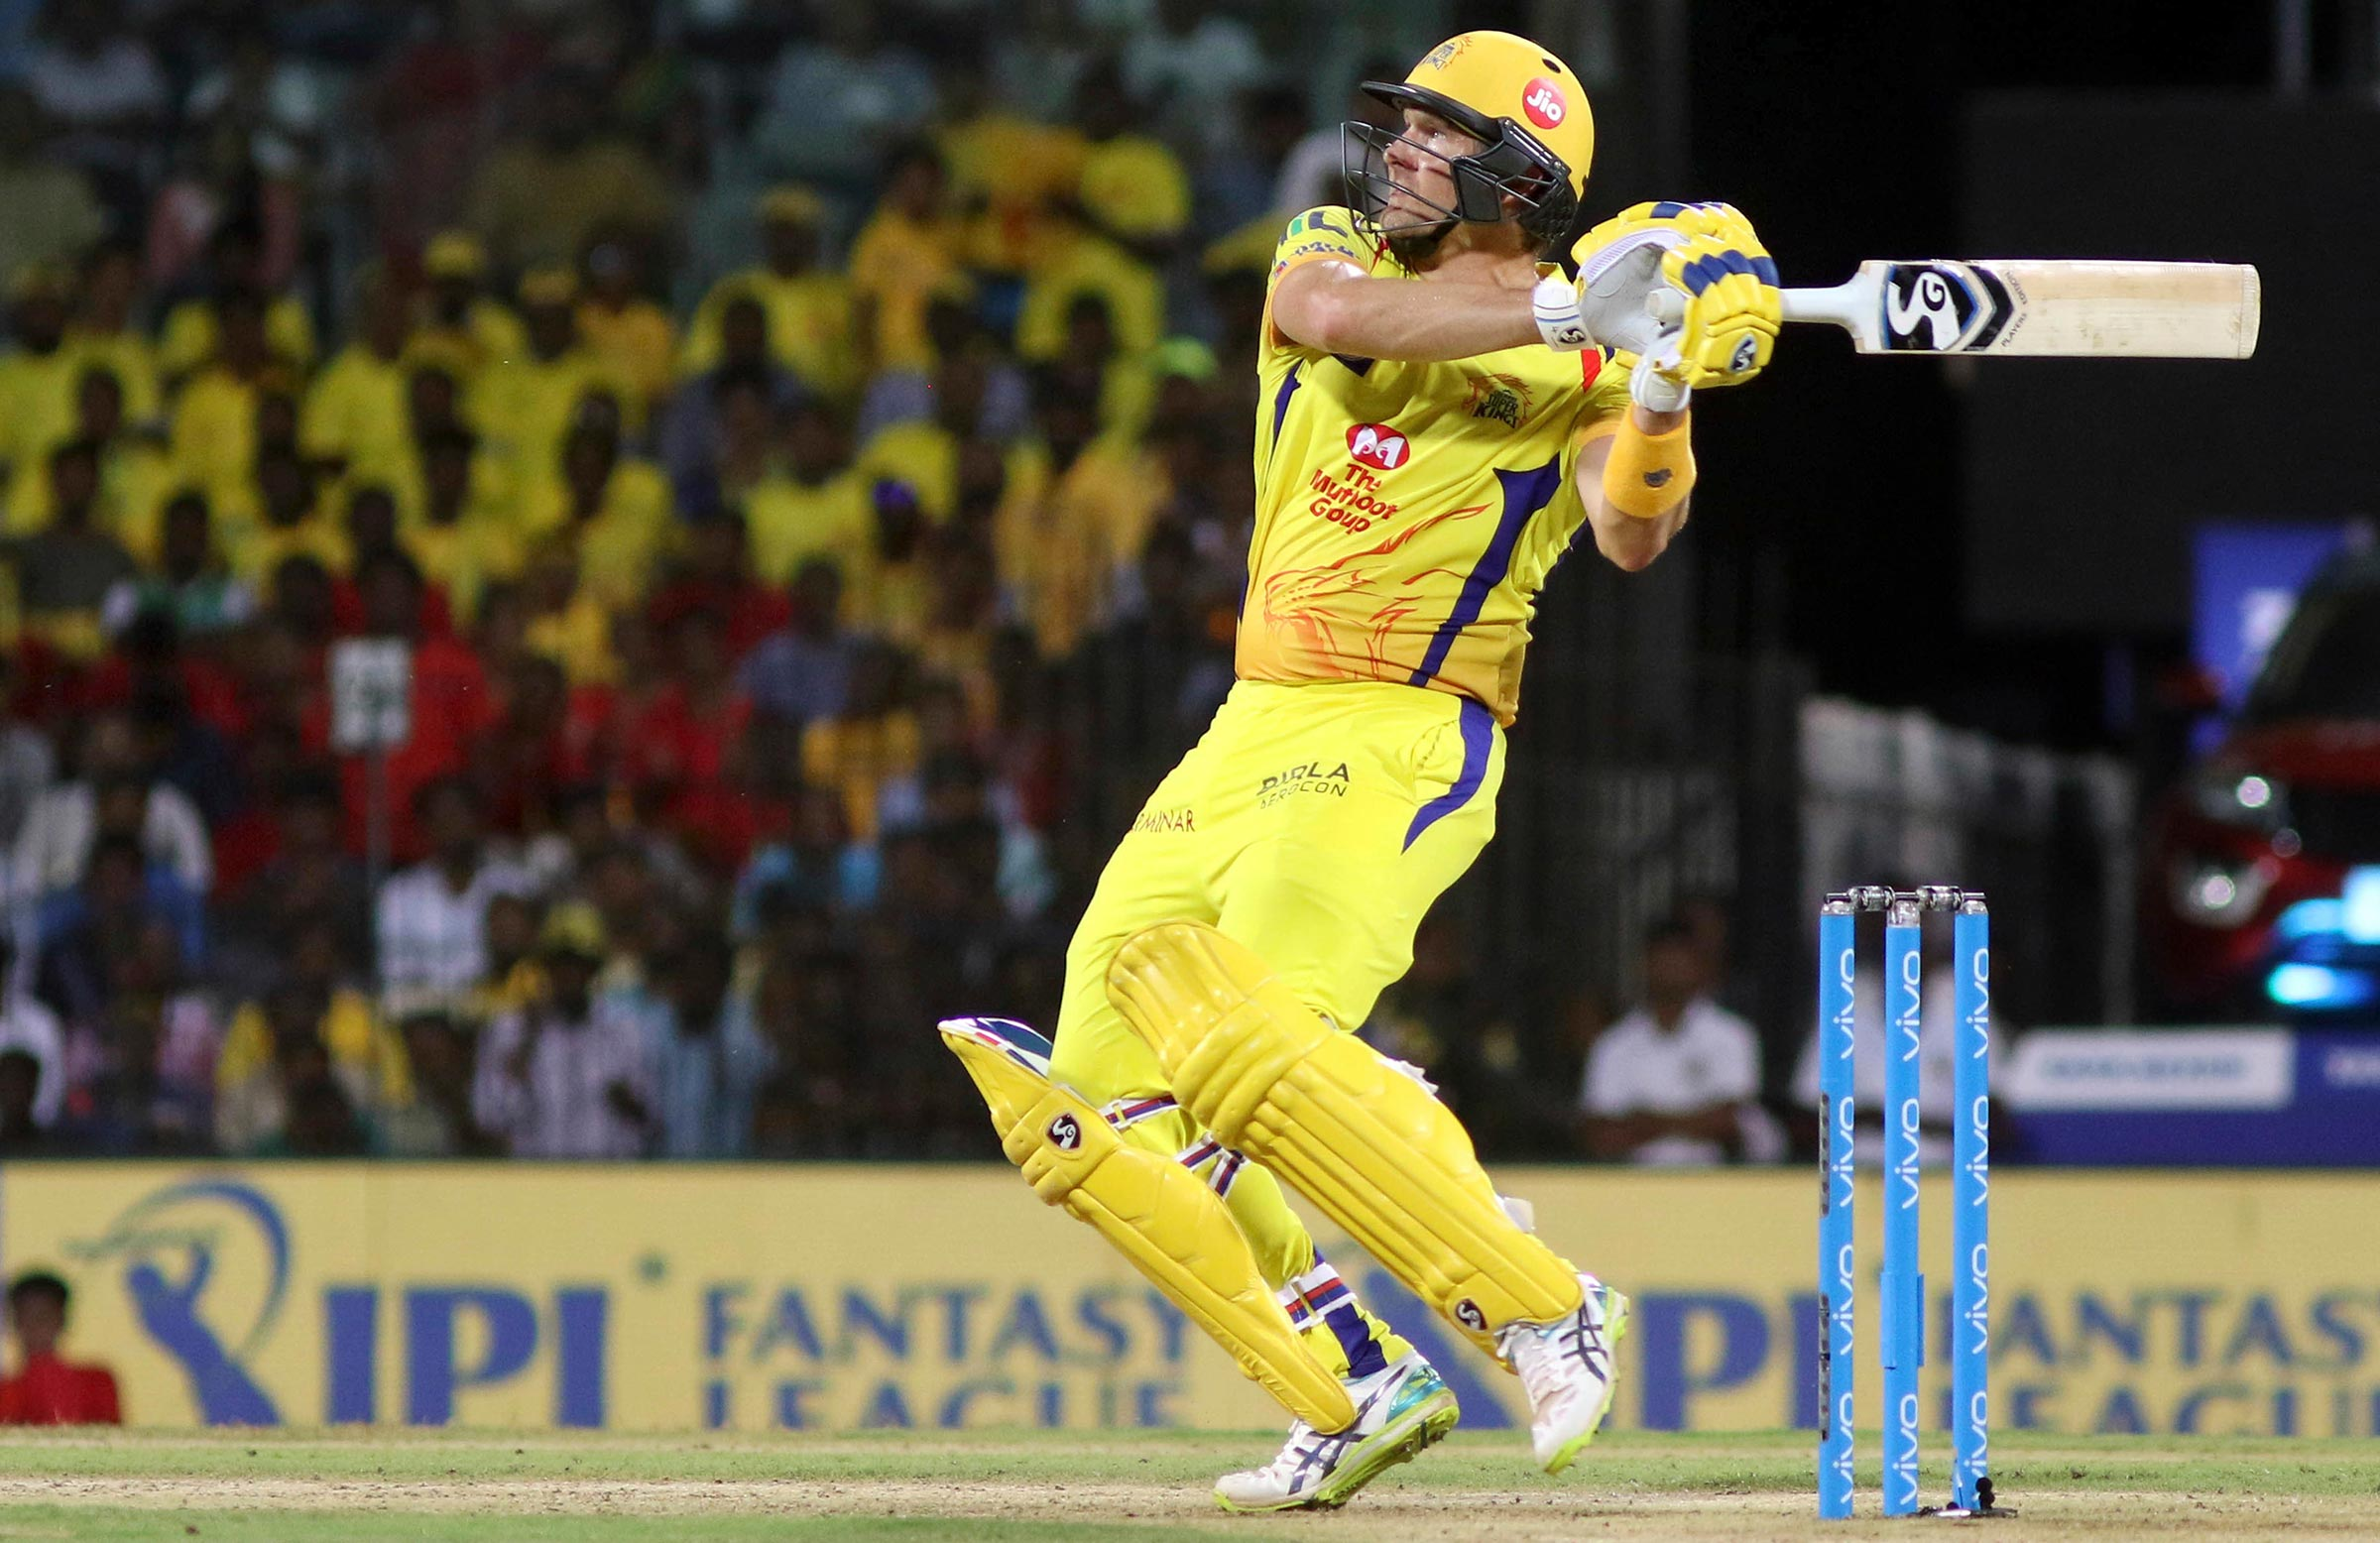 Watson scored a century in last year's IPL final // AAP